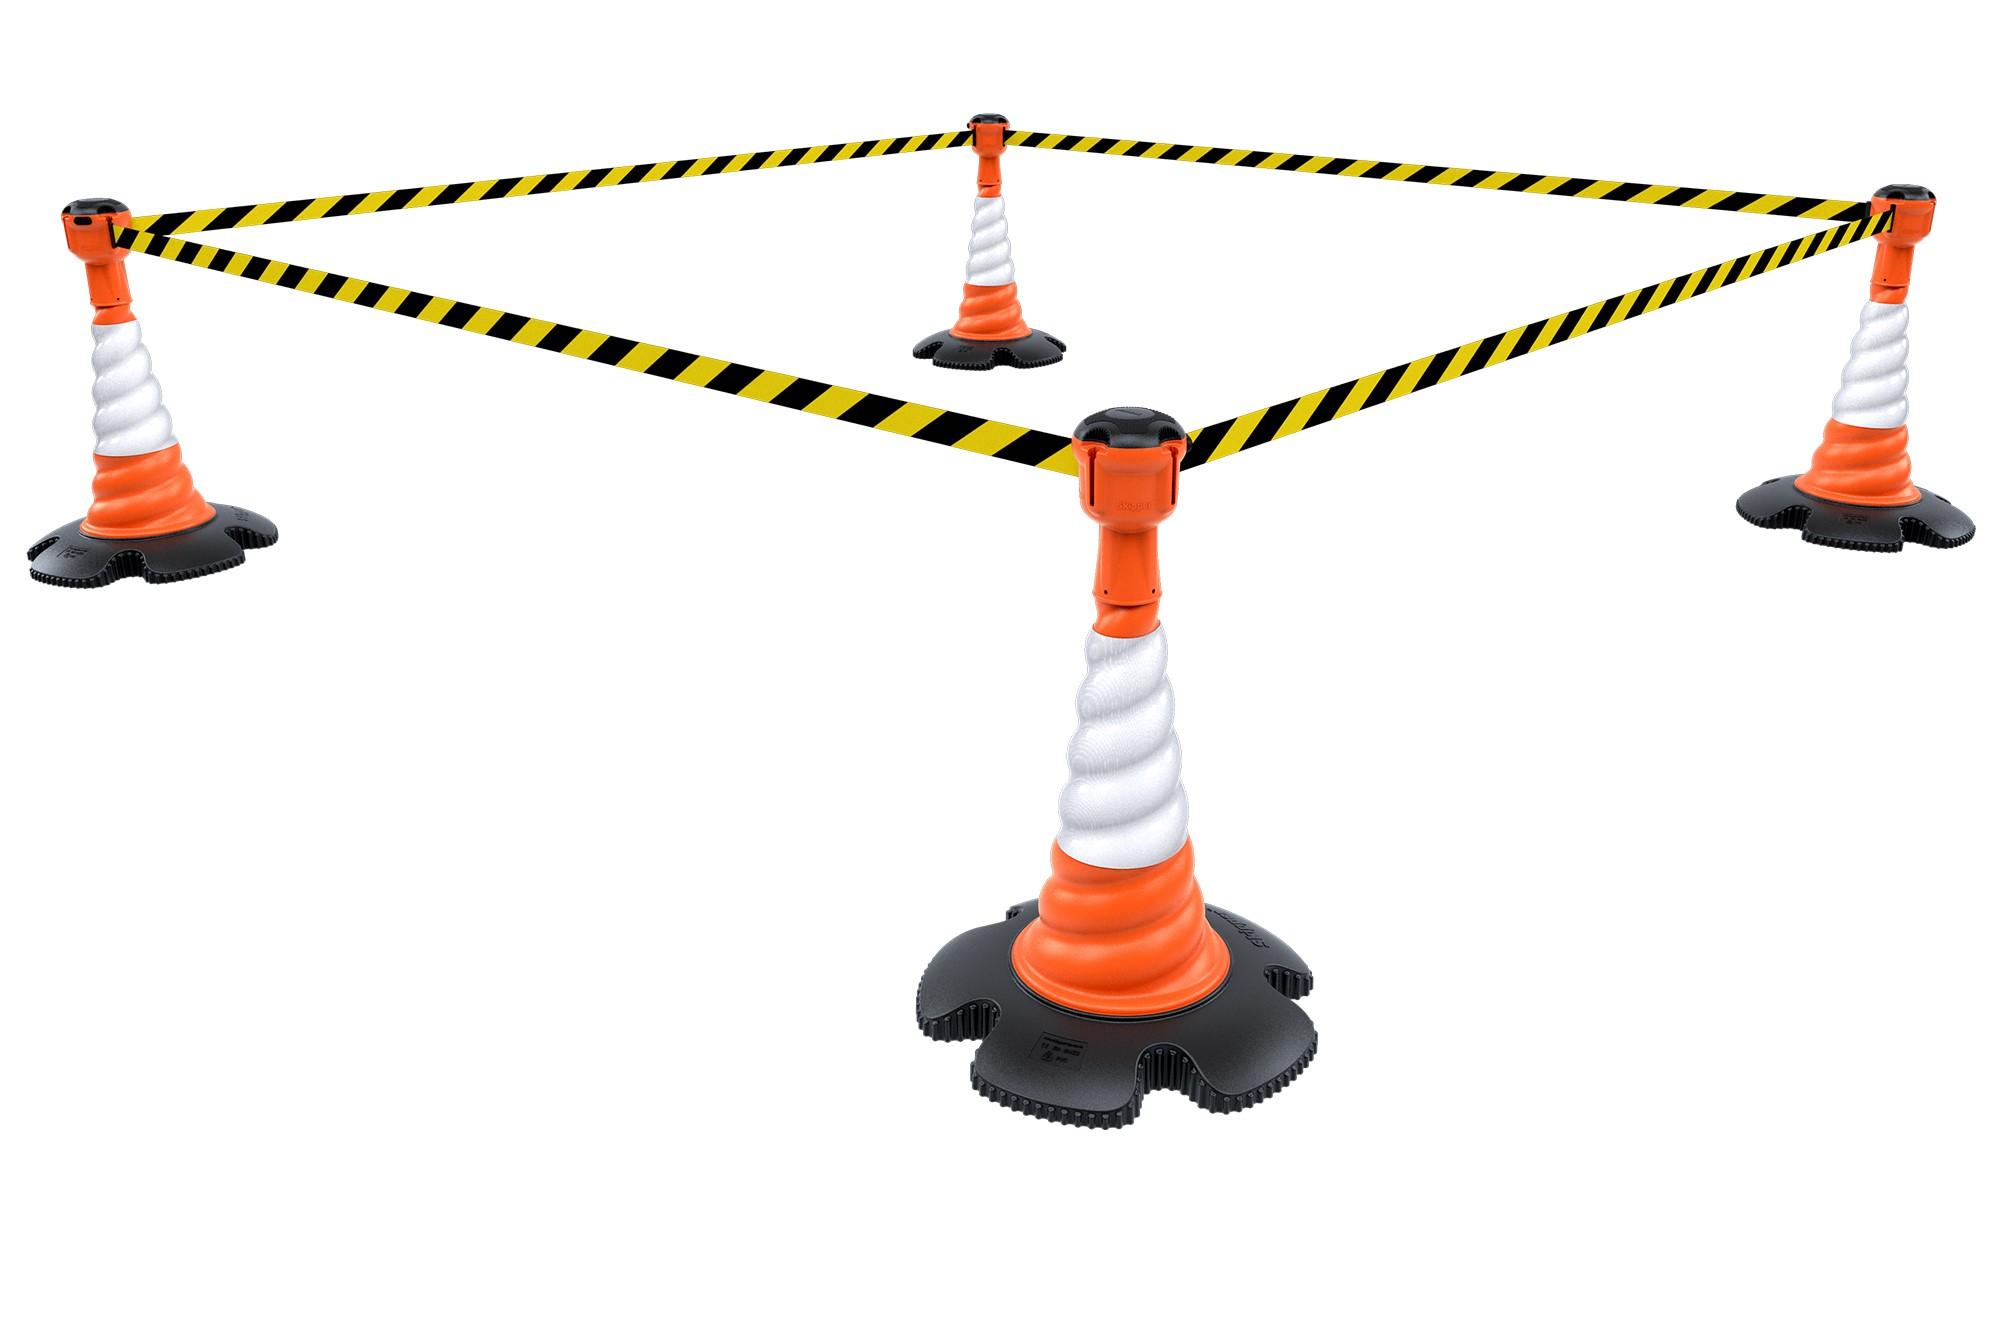 Cones accessories